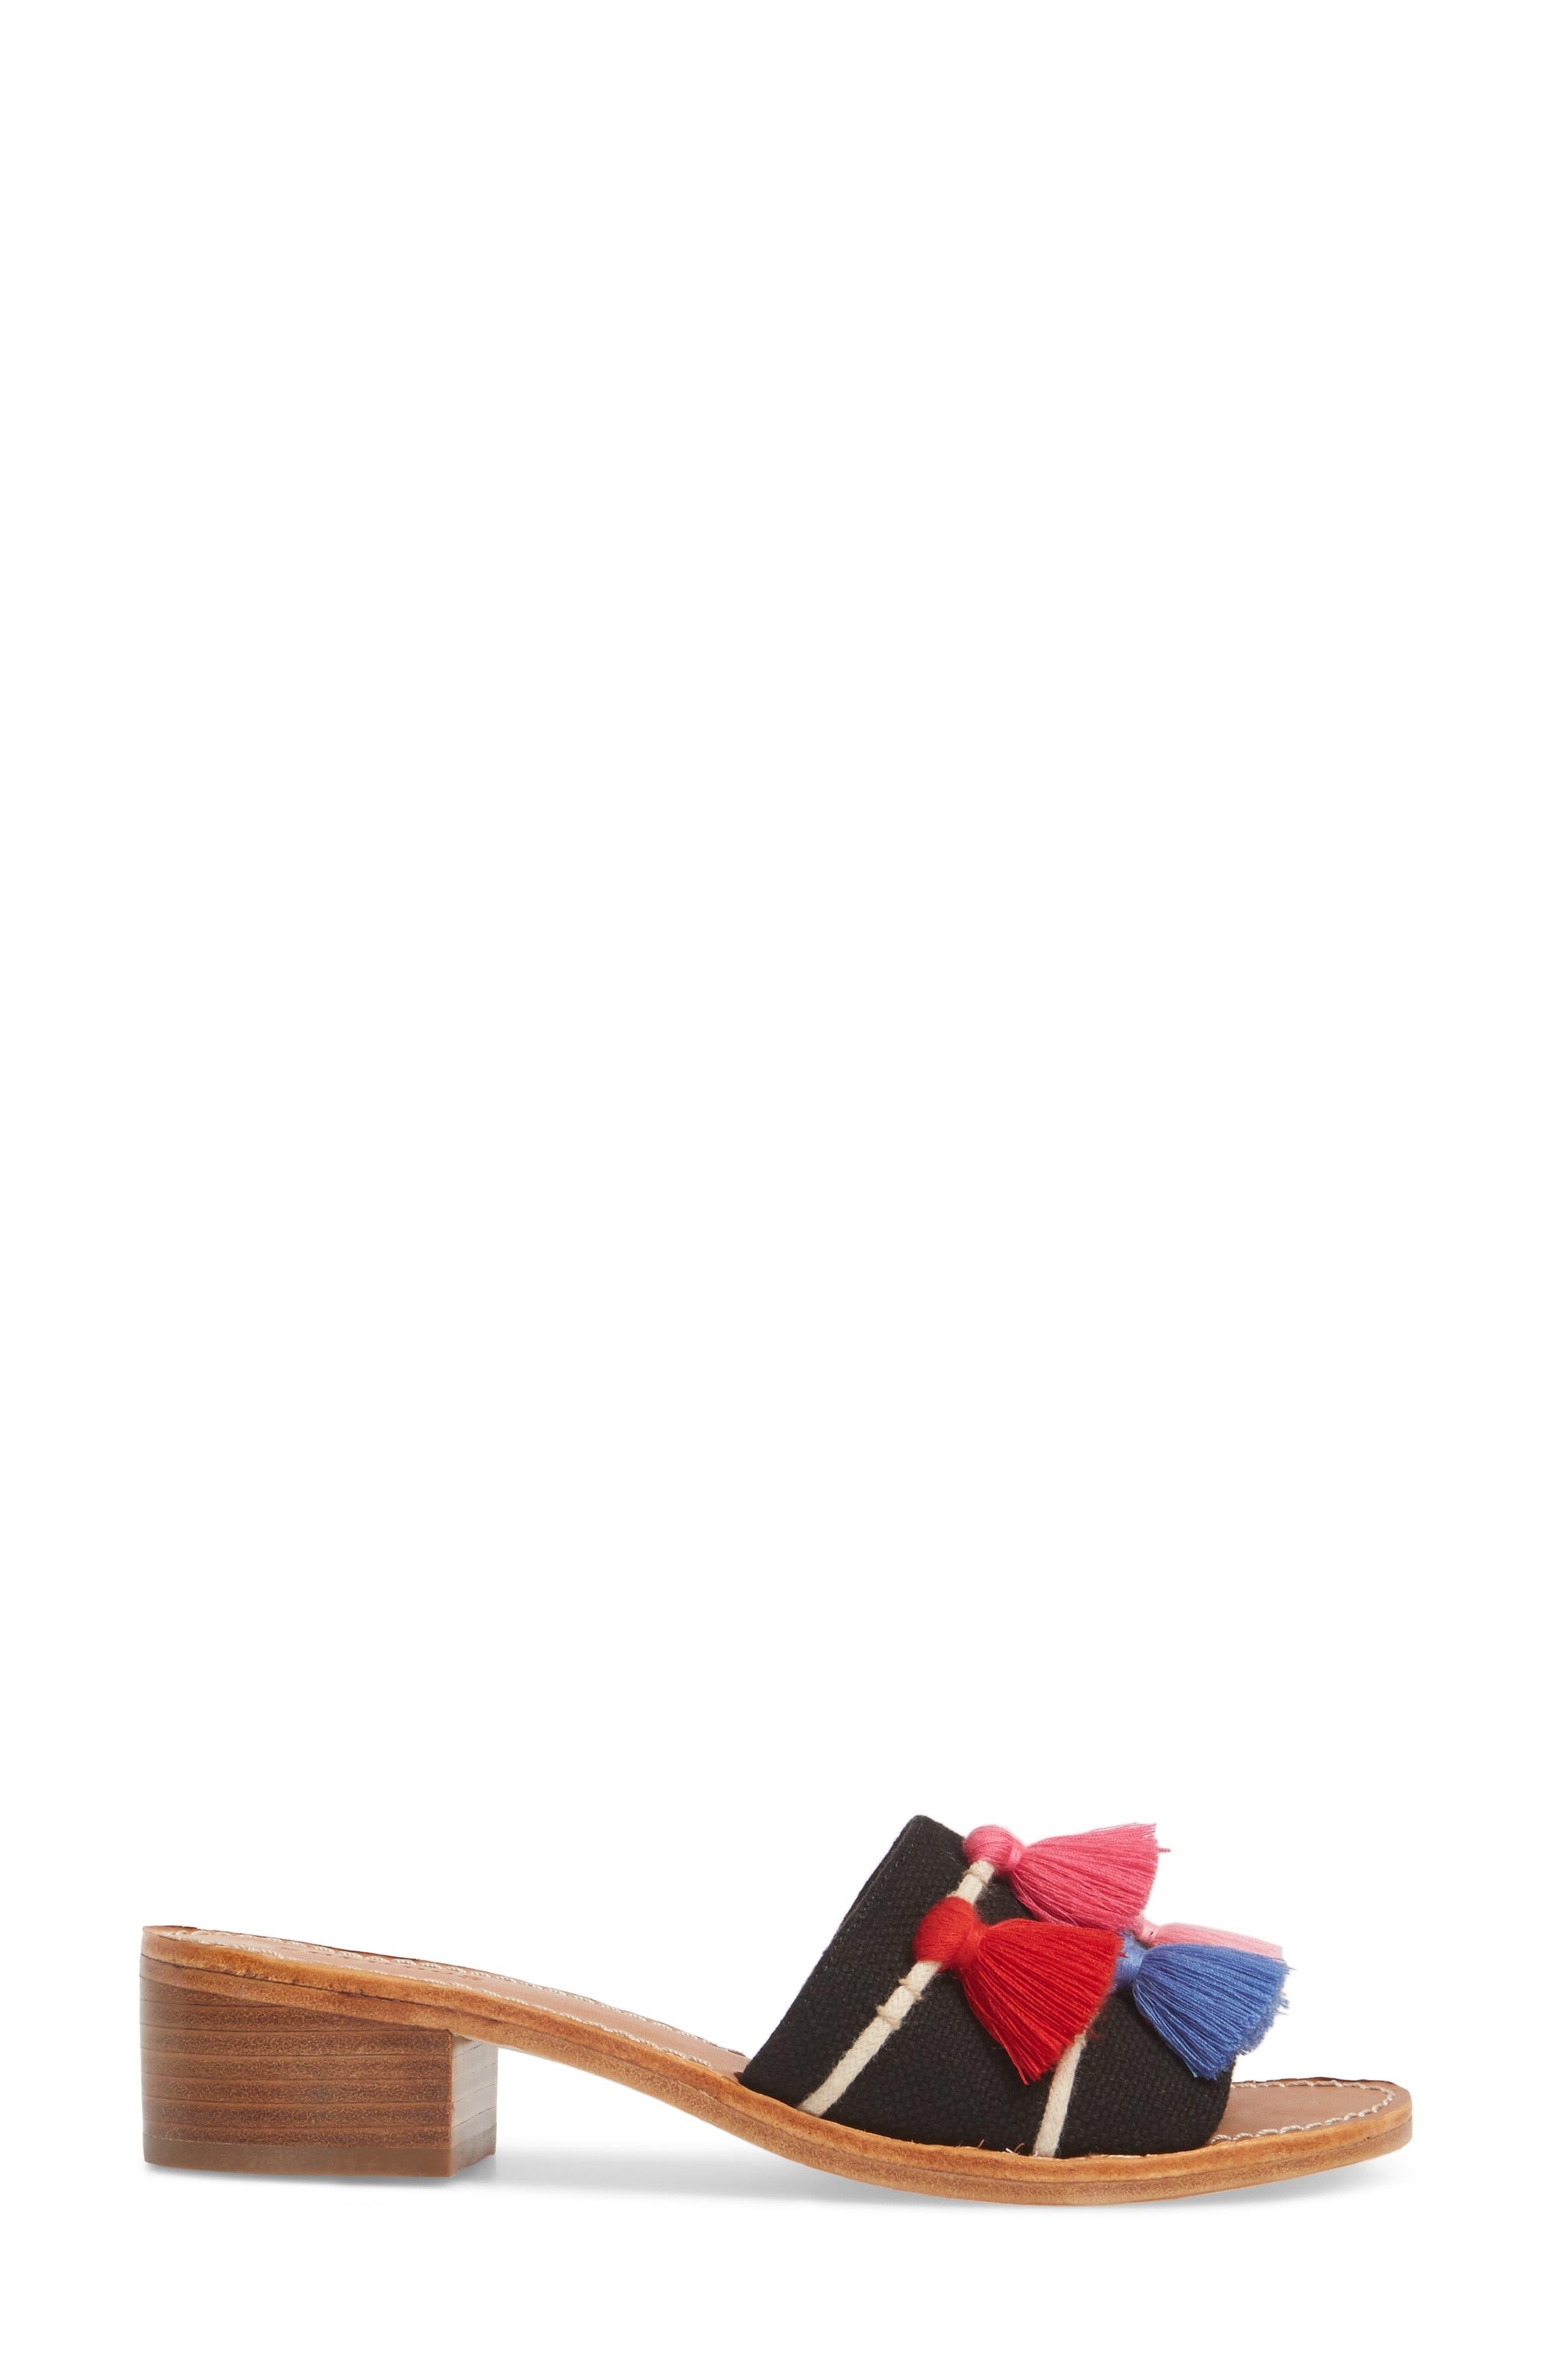 Tassel City Sandal,                             Alternate thumbnail 3, color,                             001